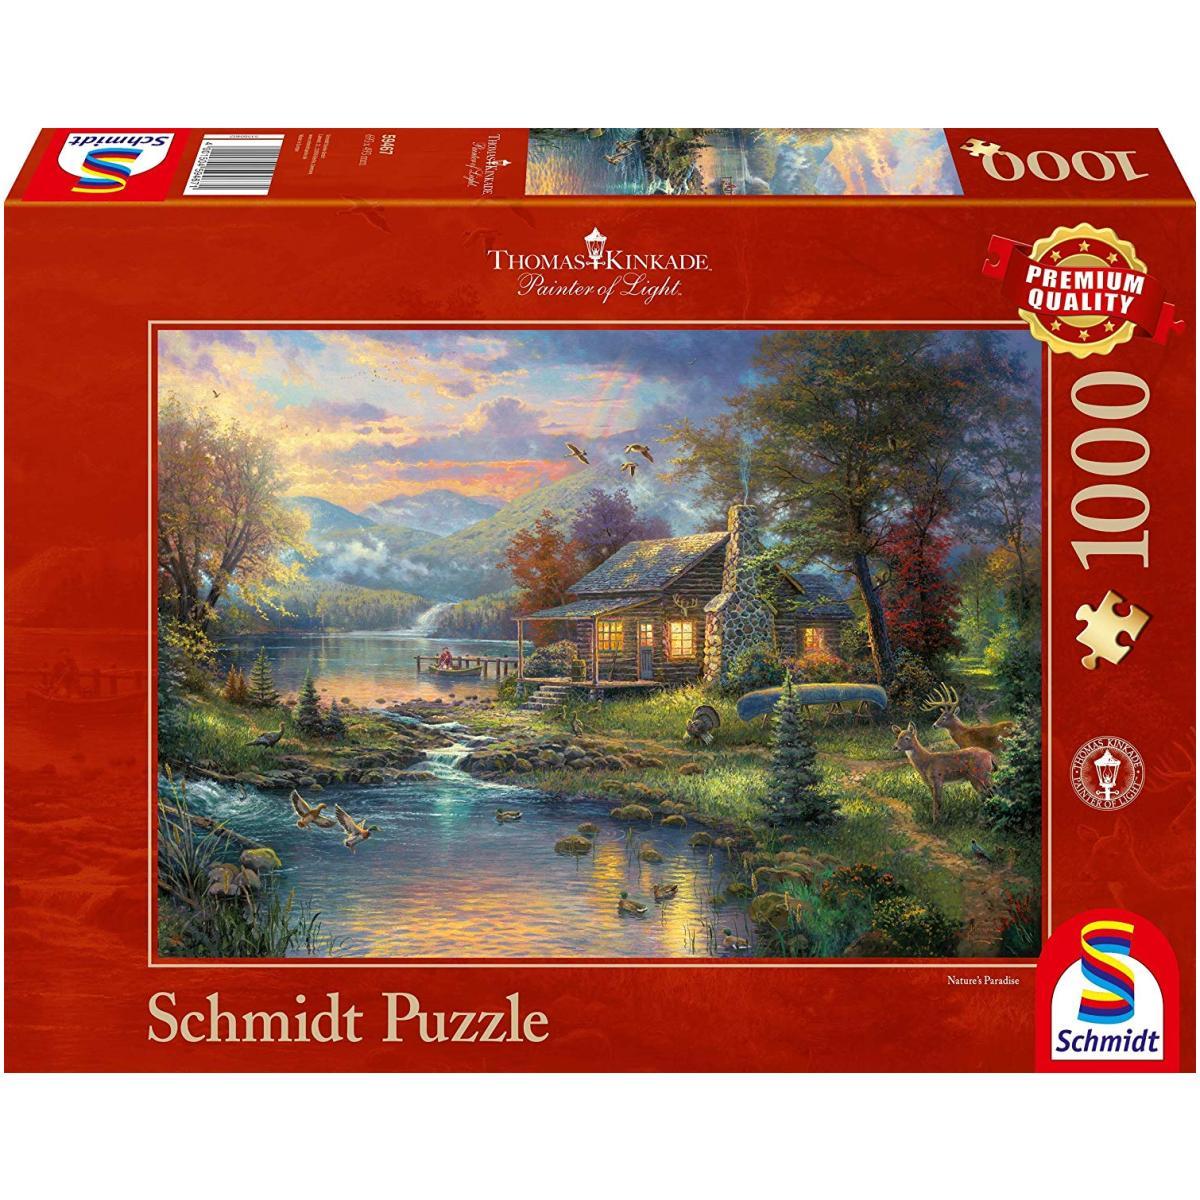 Sestavljanka puzzle 1000 delna Schmidt Kinkade raj